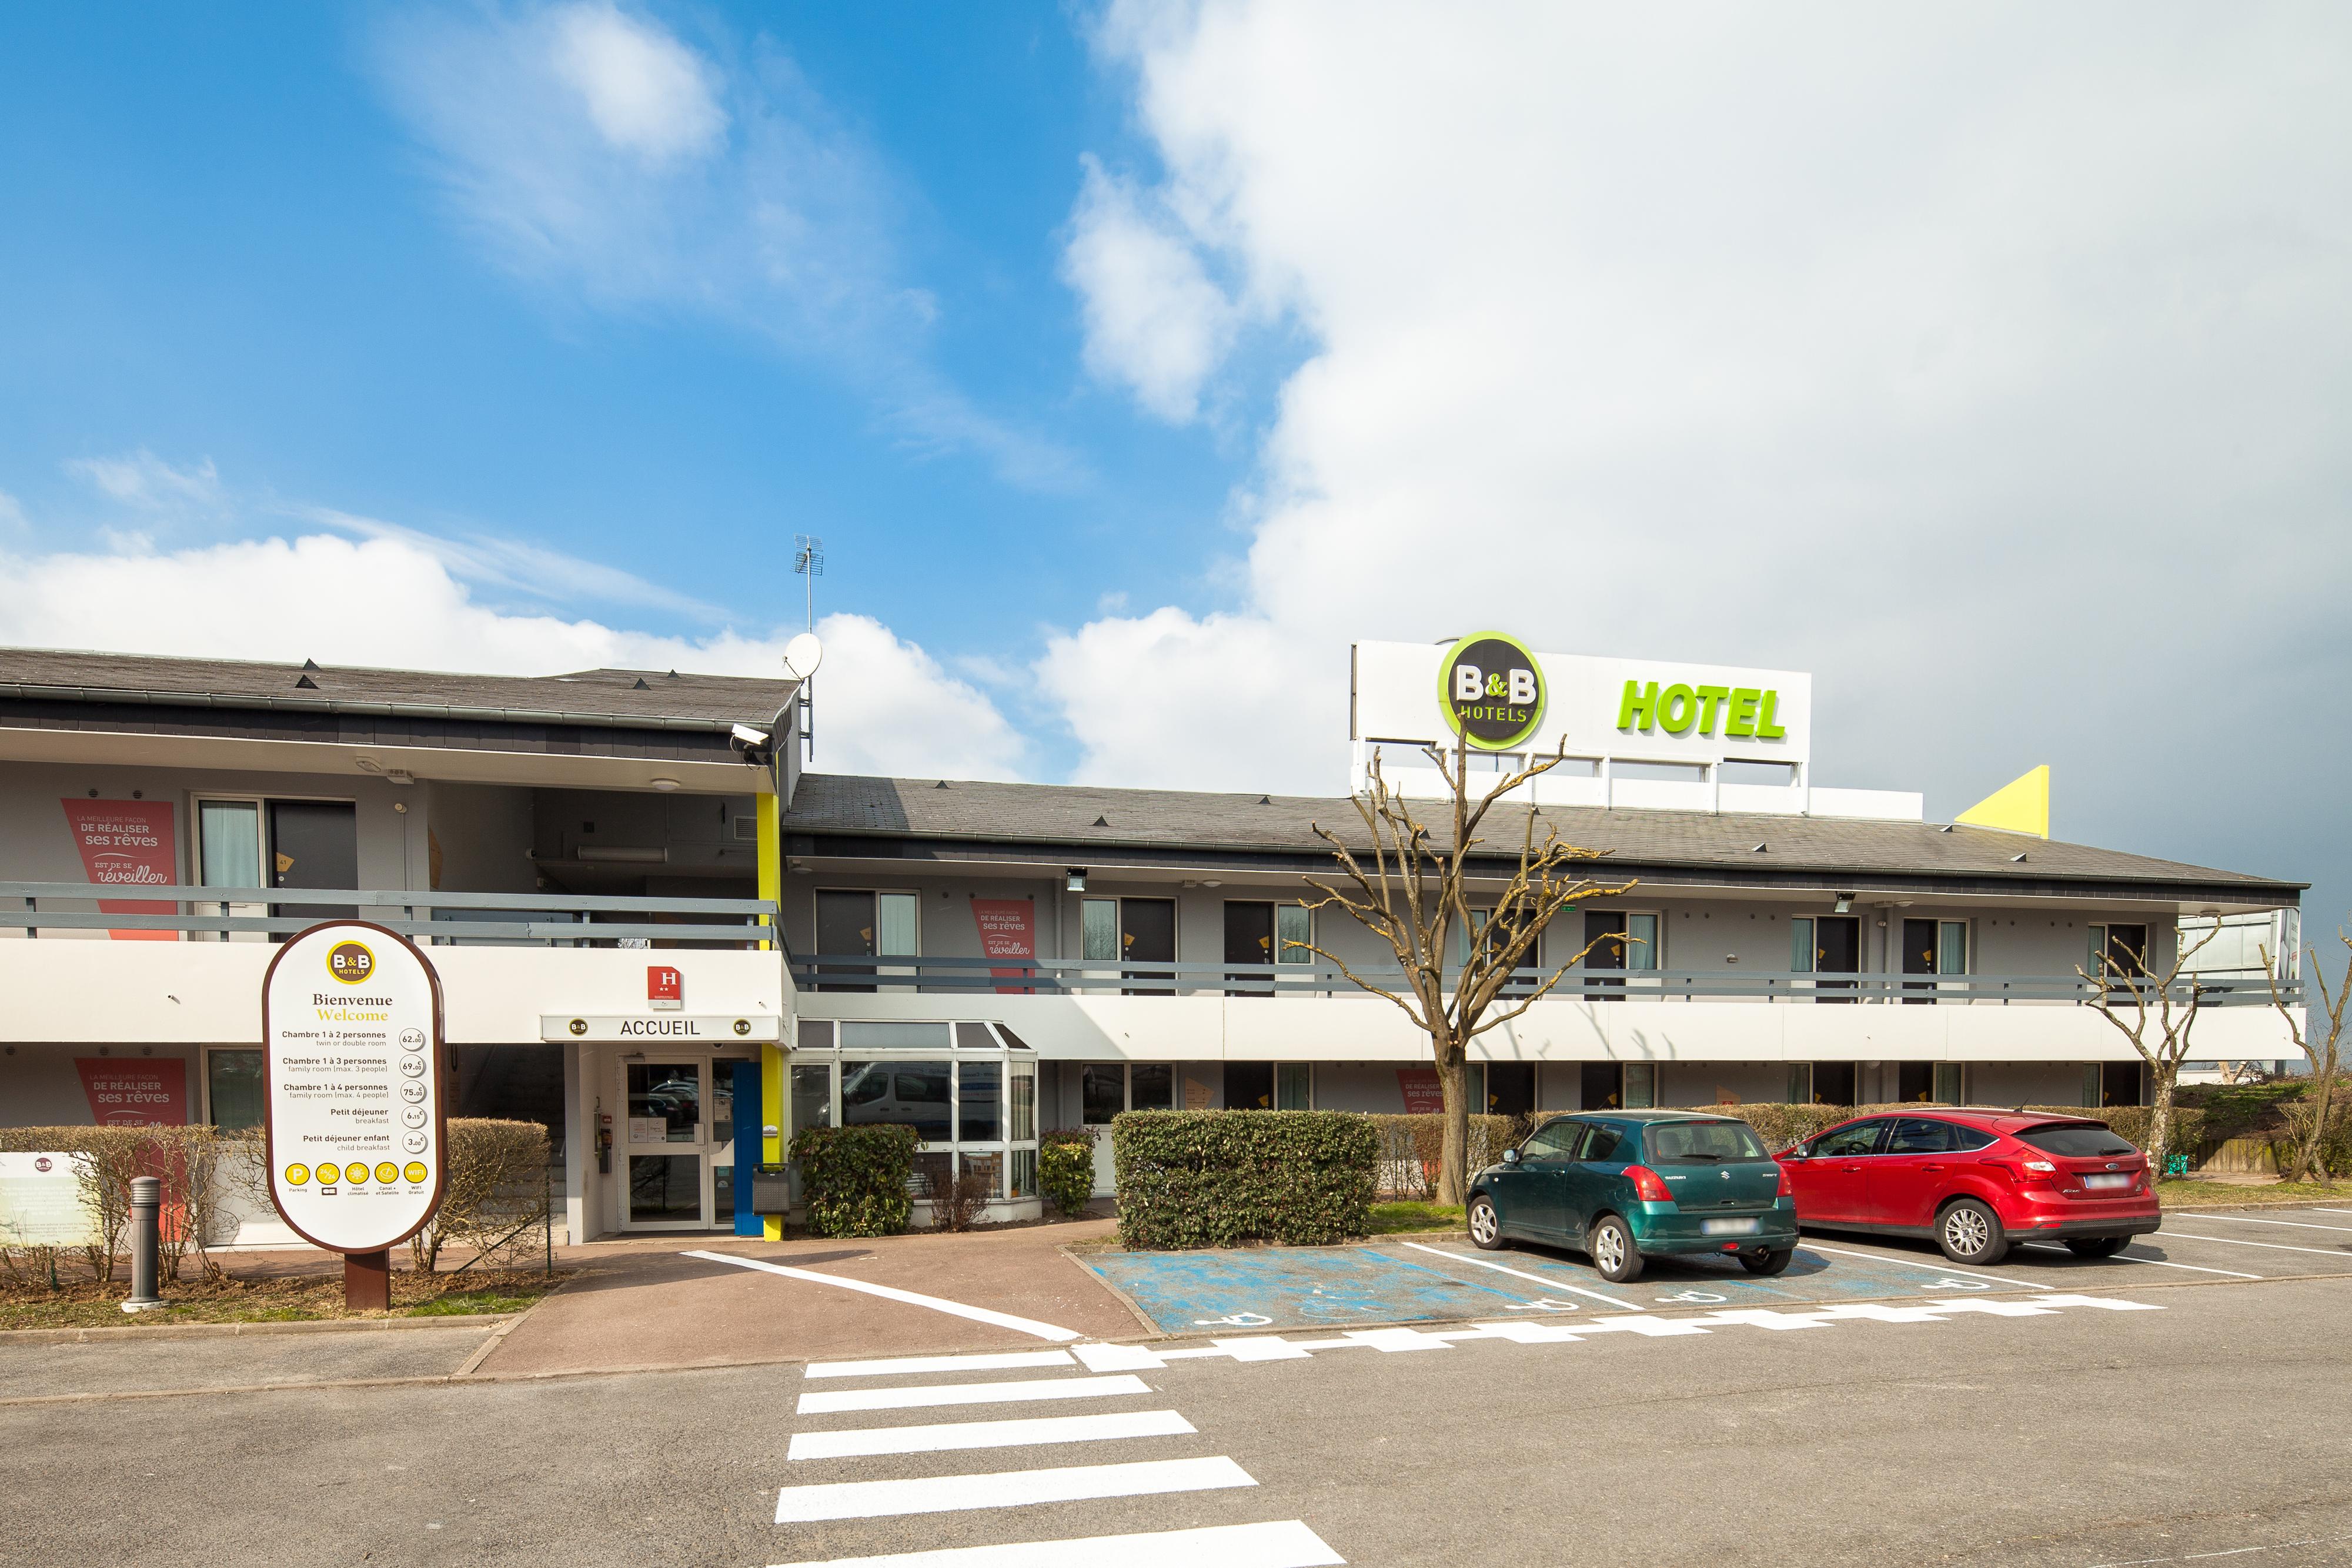 B&B Hotel La Queue En Brie